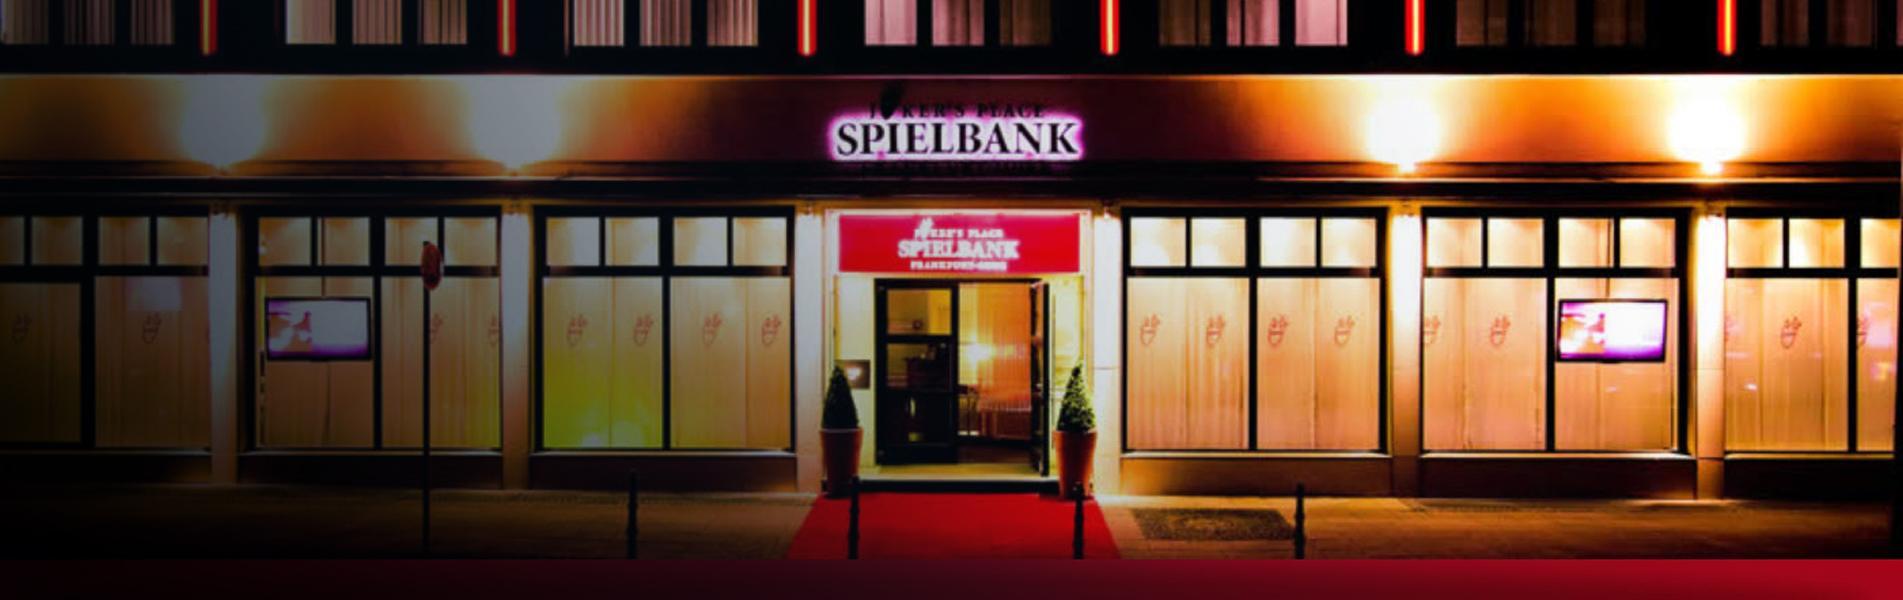 Spielbank Frankfurt/Oder